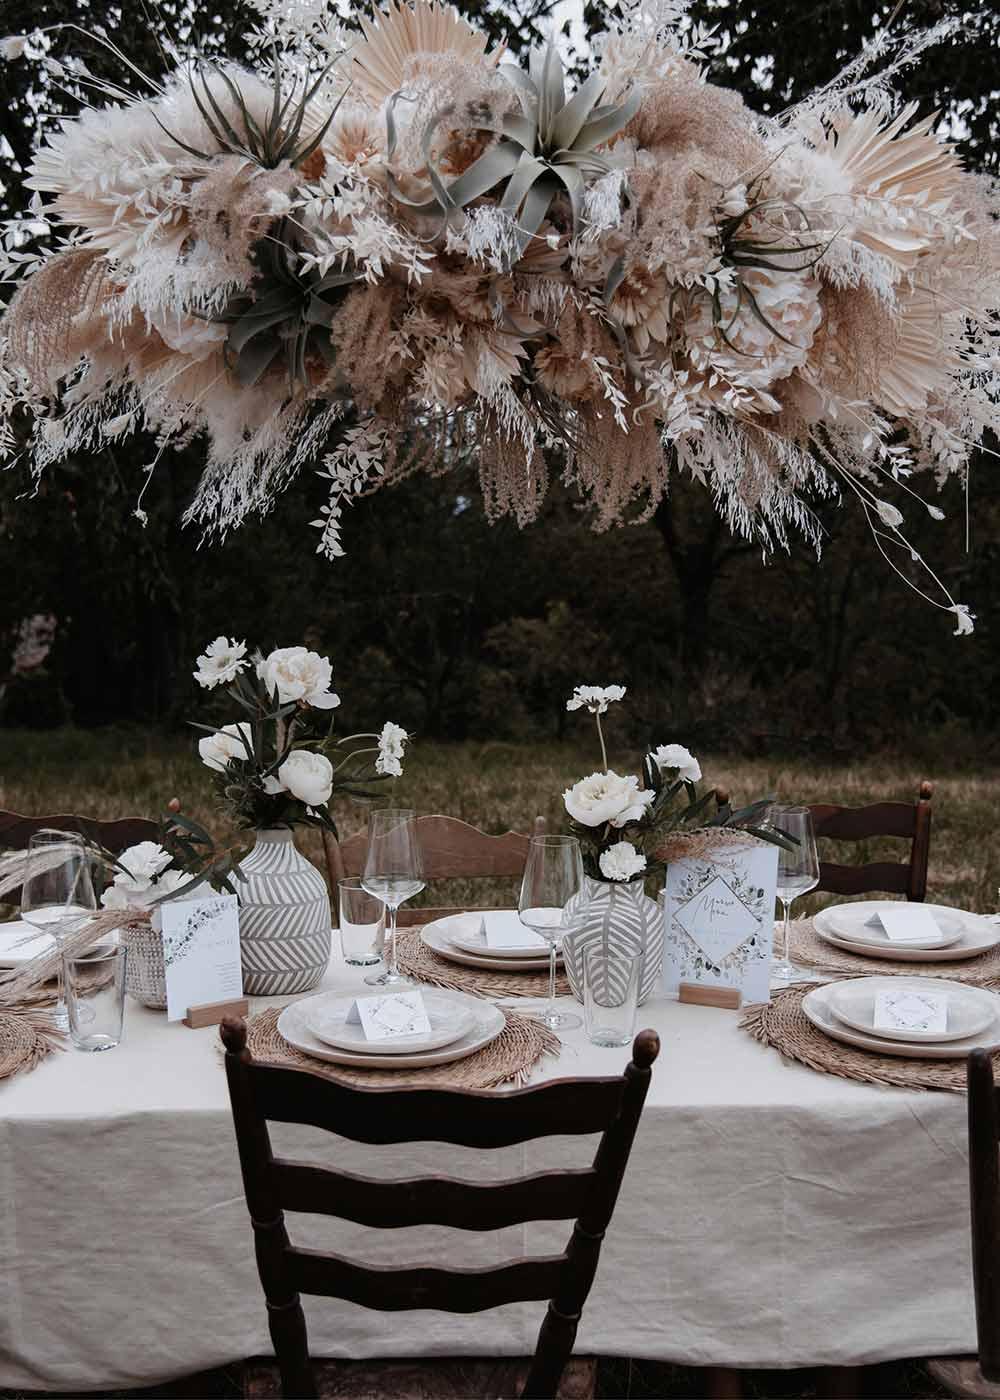 Das Highlight am Hochzeitstisch ist die auffällige Pflanzendeko über den Tischen. Zusammen mit den Blumen auf den Tischen und der liebevoll ausgewählten Papeterie wirken sie sehr harmonisch.